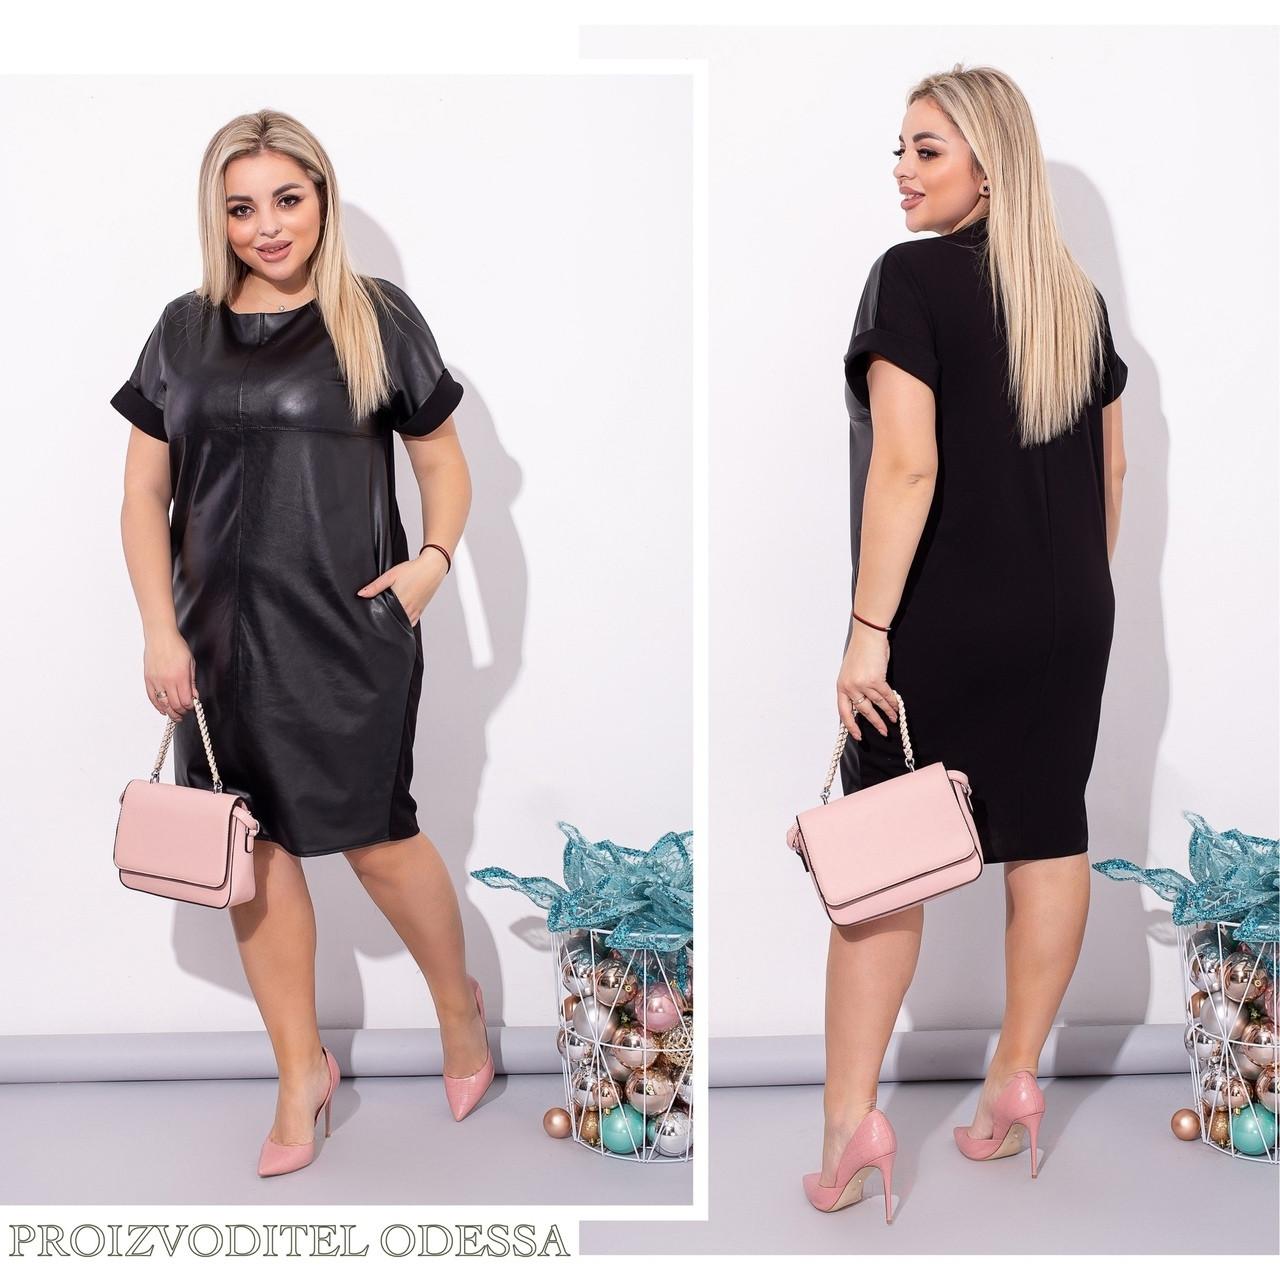 Женское нарядное платье креп дайвинг+экокожа короткий рукав размер: 50-52, 54-56, 58-60,62-64